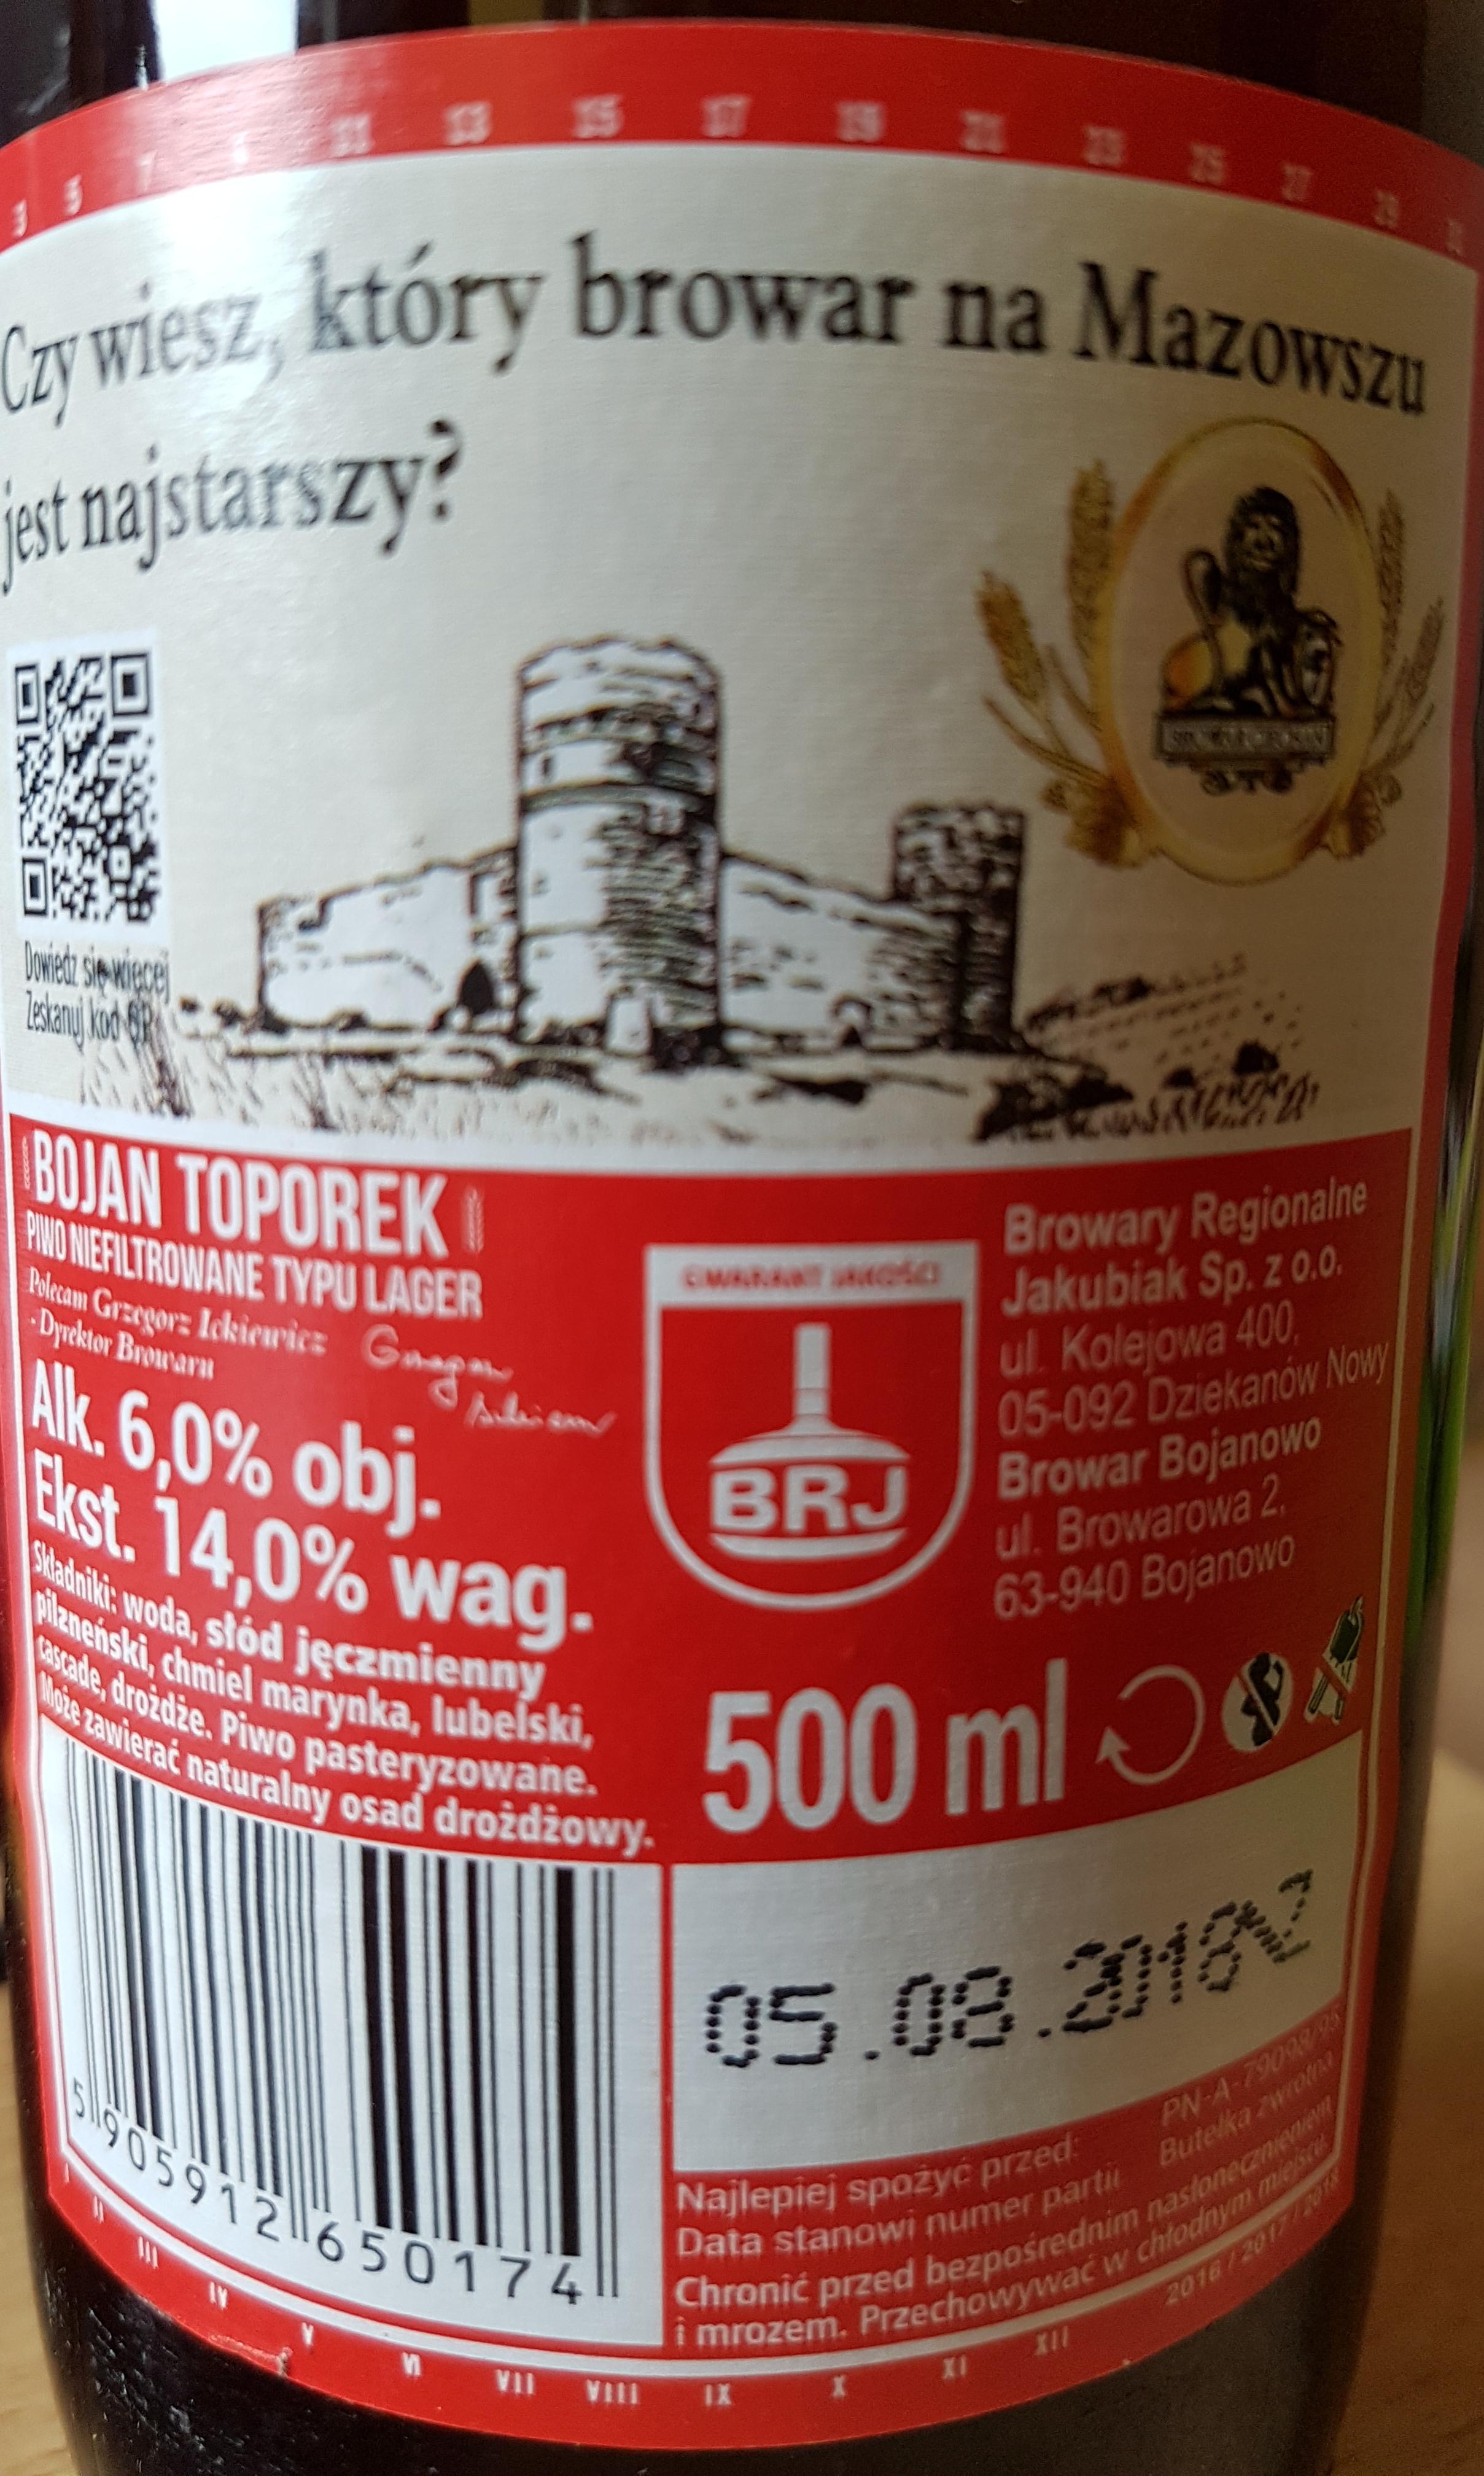 Piwo Bojan Toporek, Strażackie, Komes(y), Cornelius(y), Lwówek Jankes @ Żabka